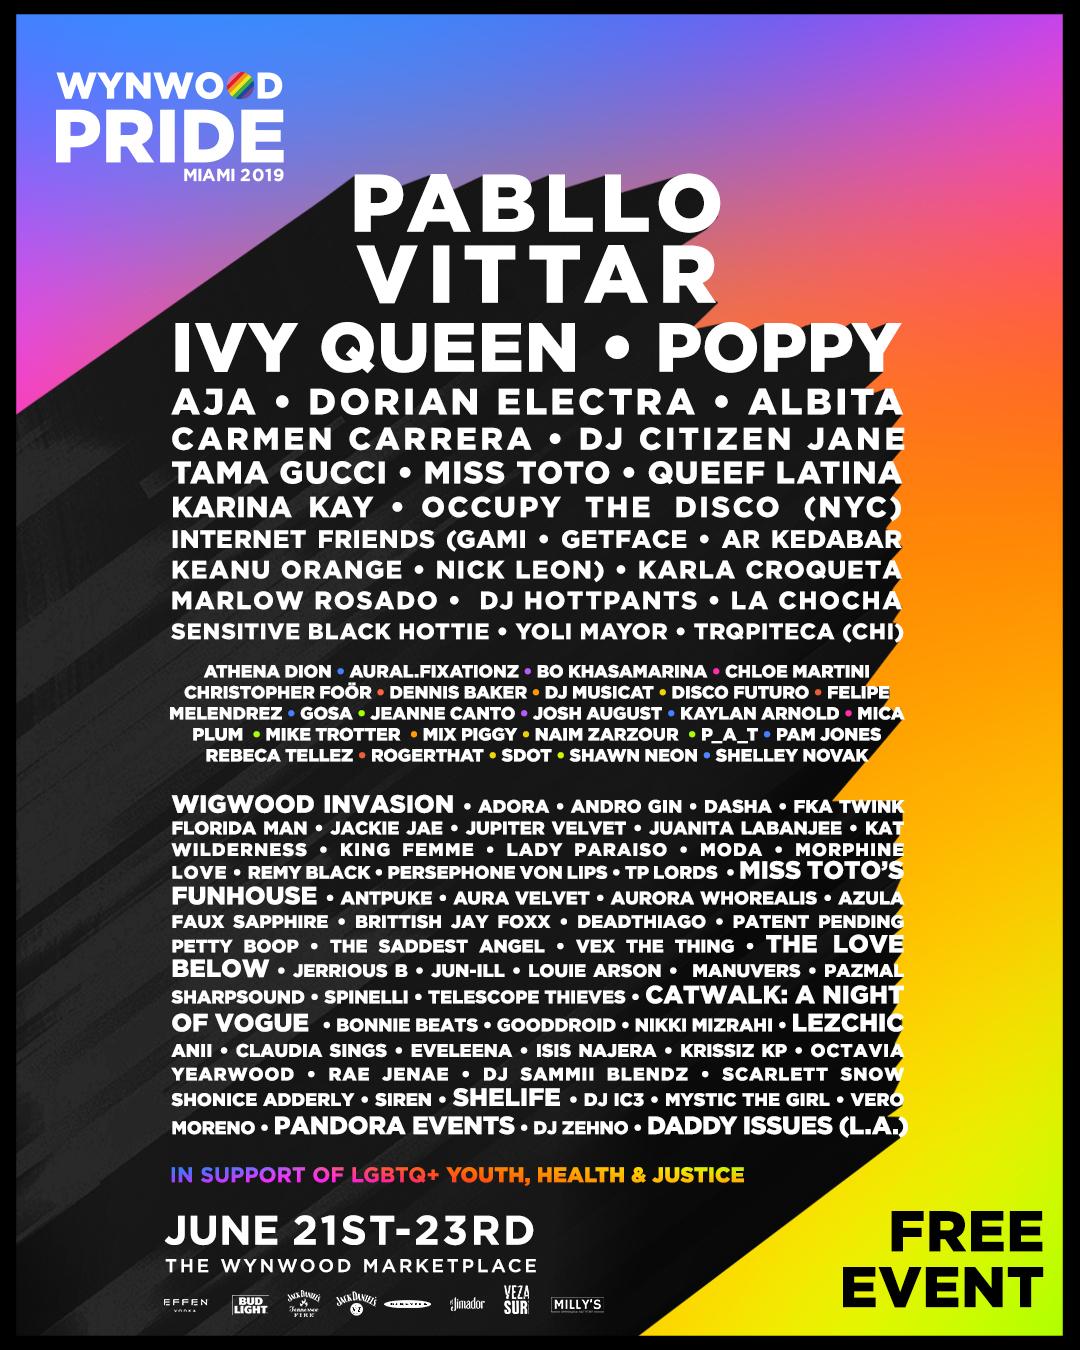 06/23/19 at Wynwood Pride 2019